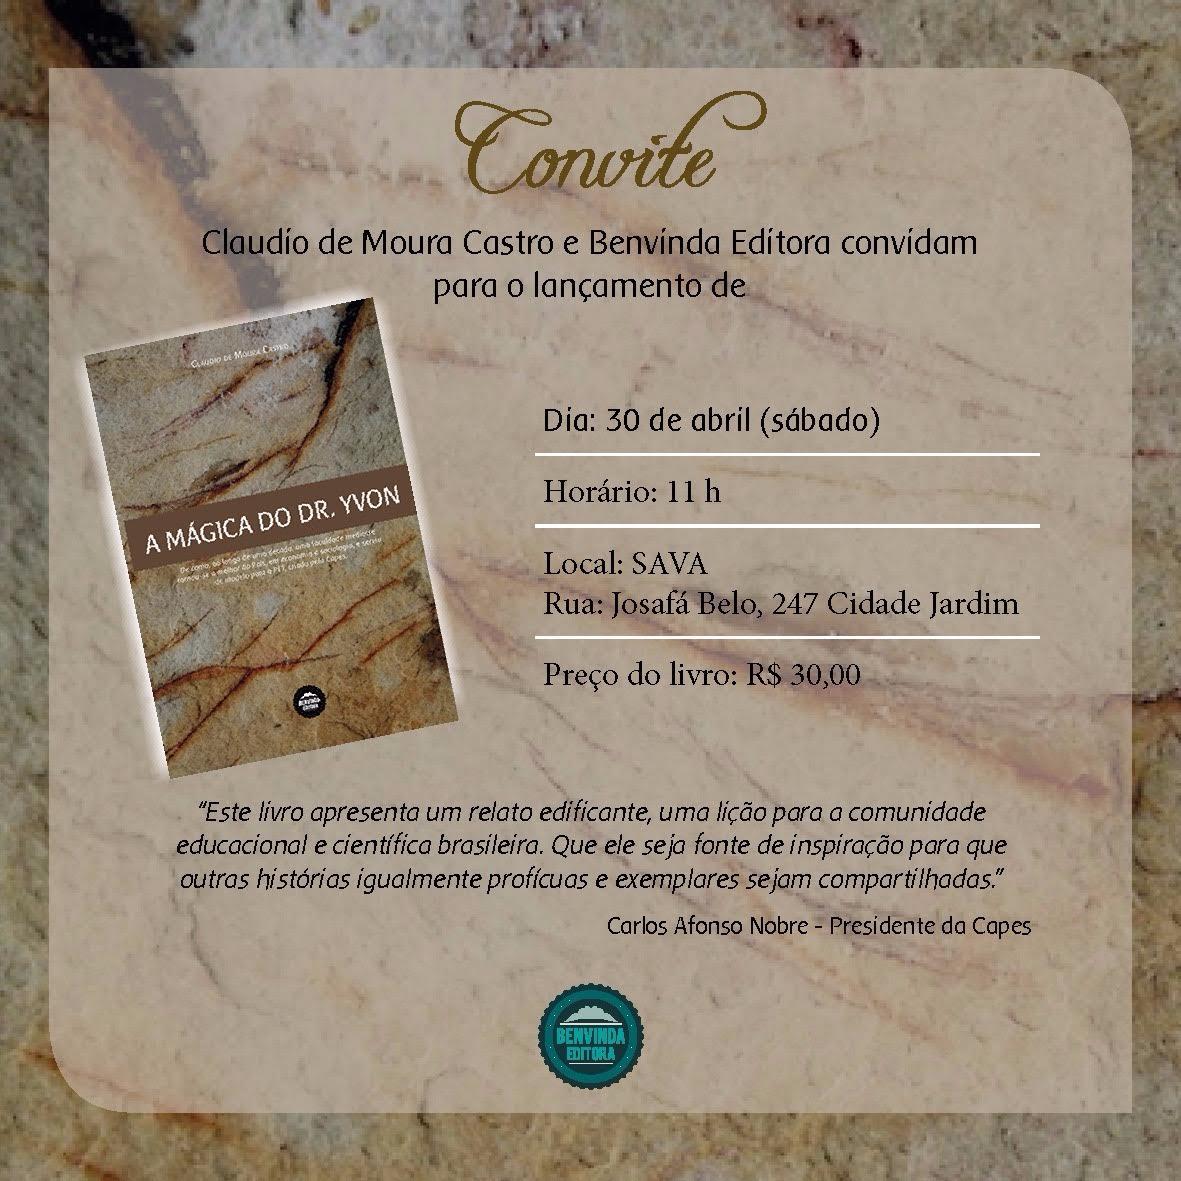 Novo Livro de Claudio Moura Castro: A Magica do Dr. Yvon